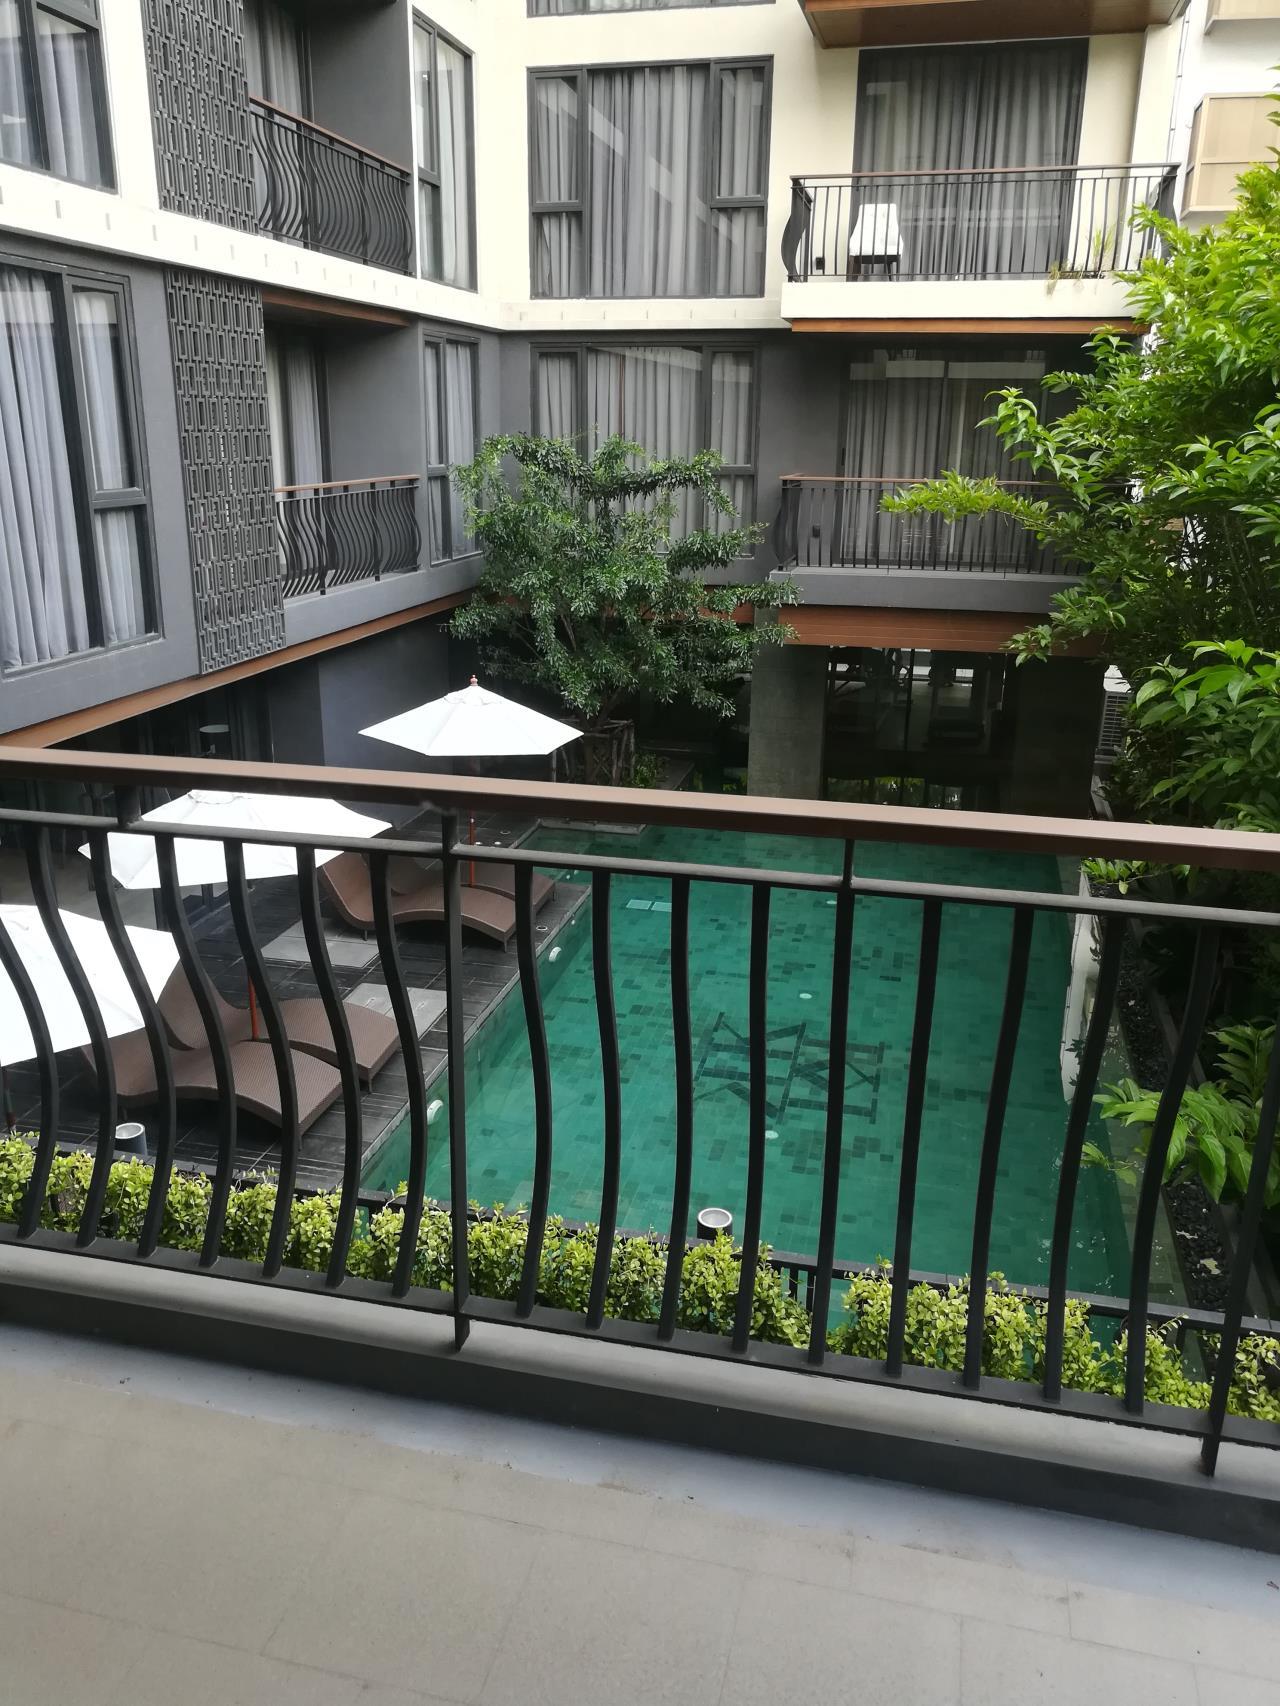 Professional One Service Agency's 2 bedroom condo for rent in Klass Langsuan 1